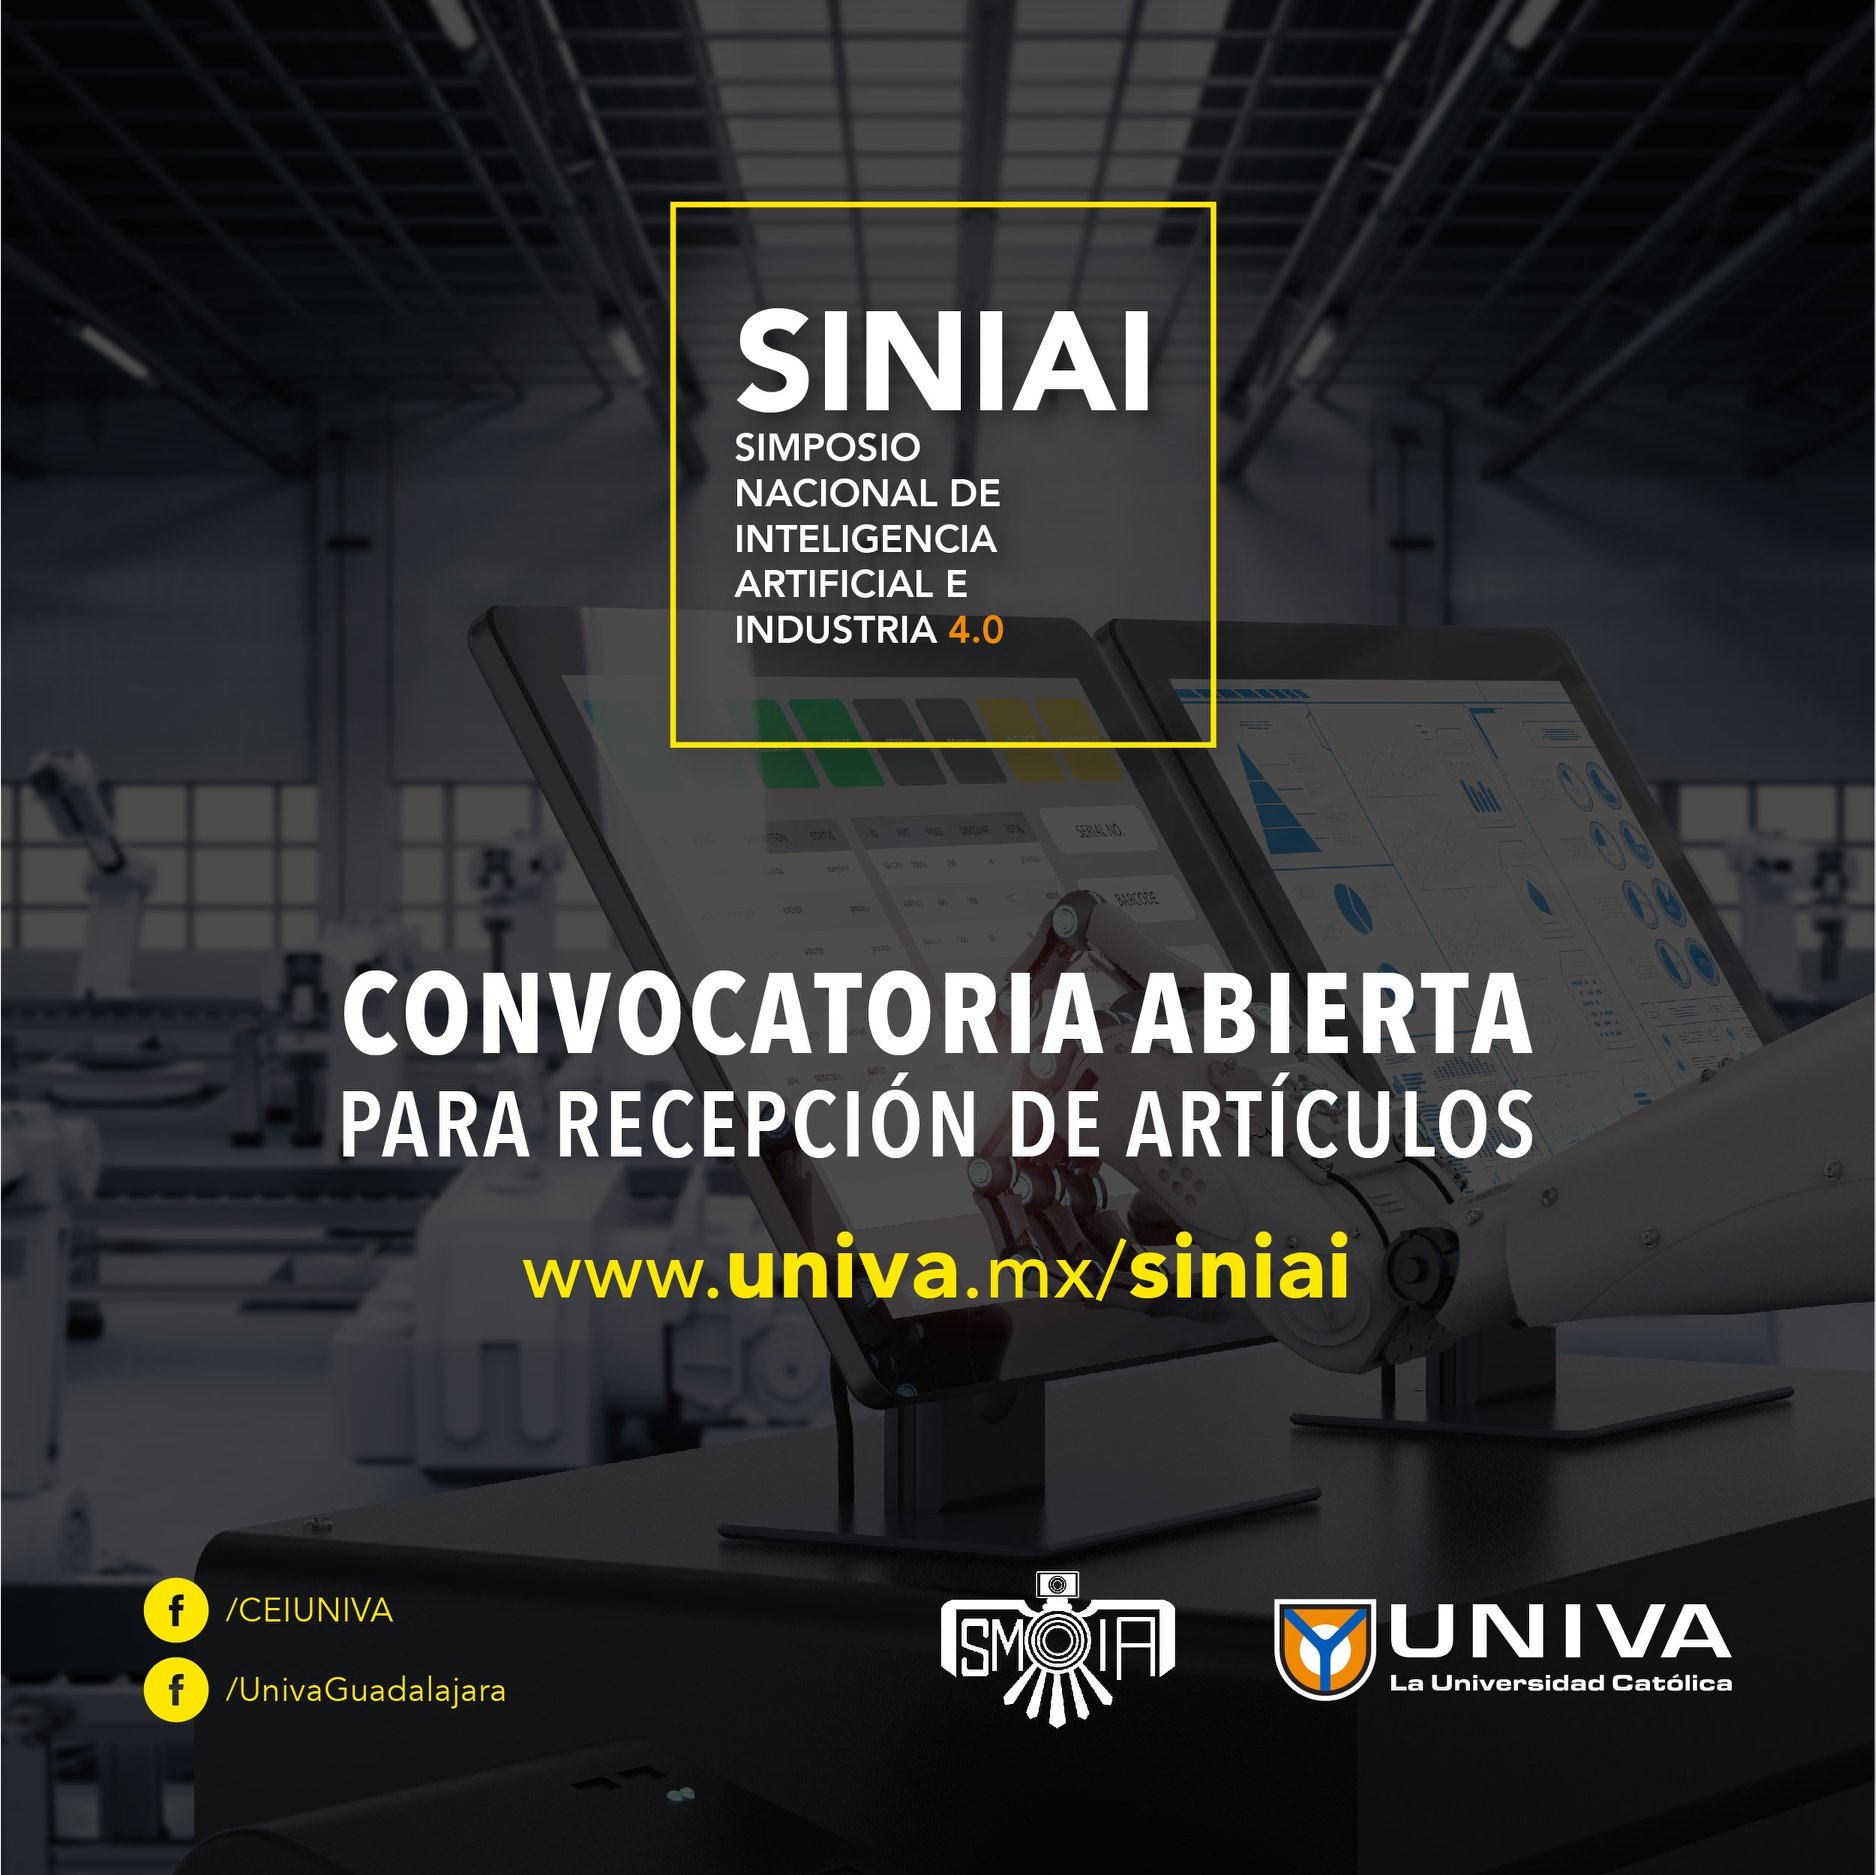 Simposio Nacional de Inteligencia Artificial e Industria 4.0